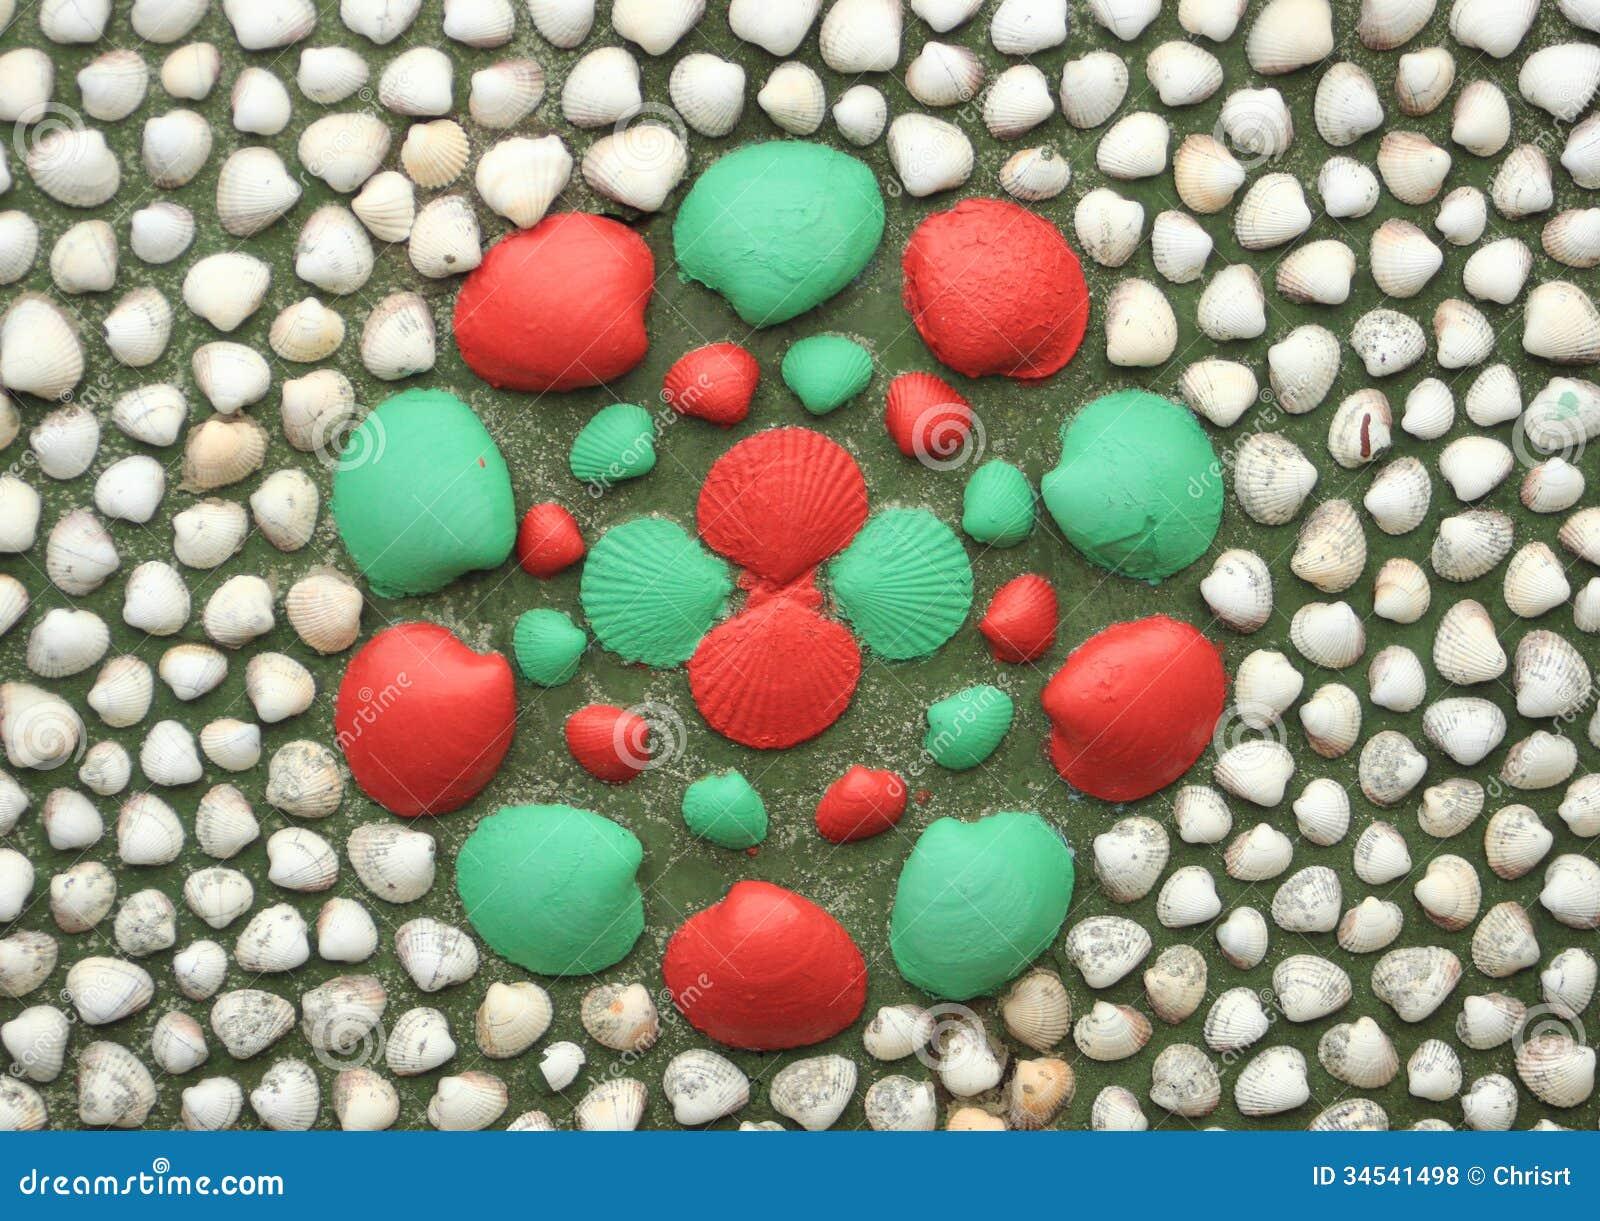 Conchas do mar pintadas em uma parede que forma uma flor - Imagenes de paredes pintadas ...